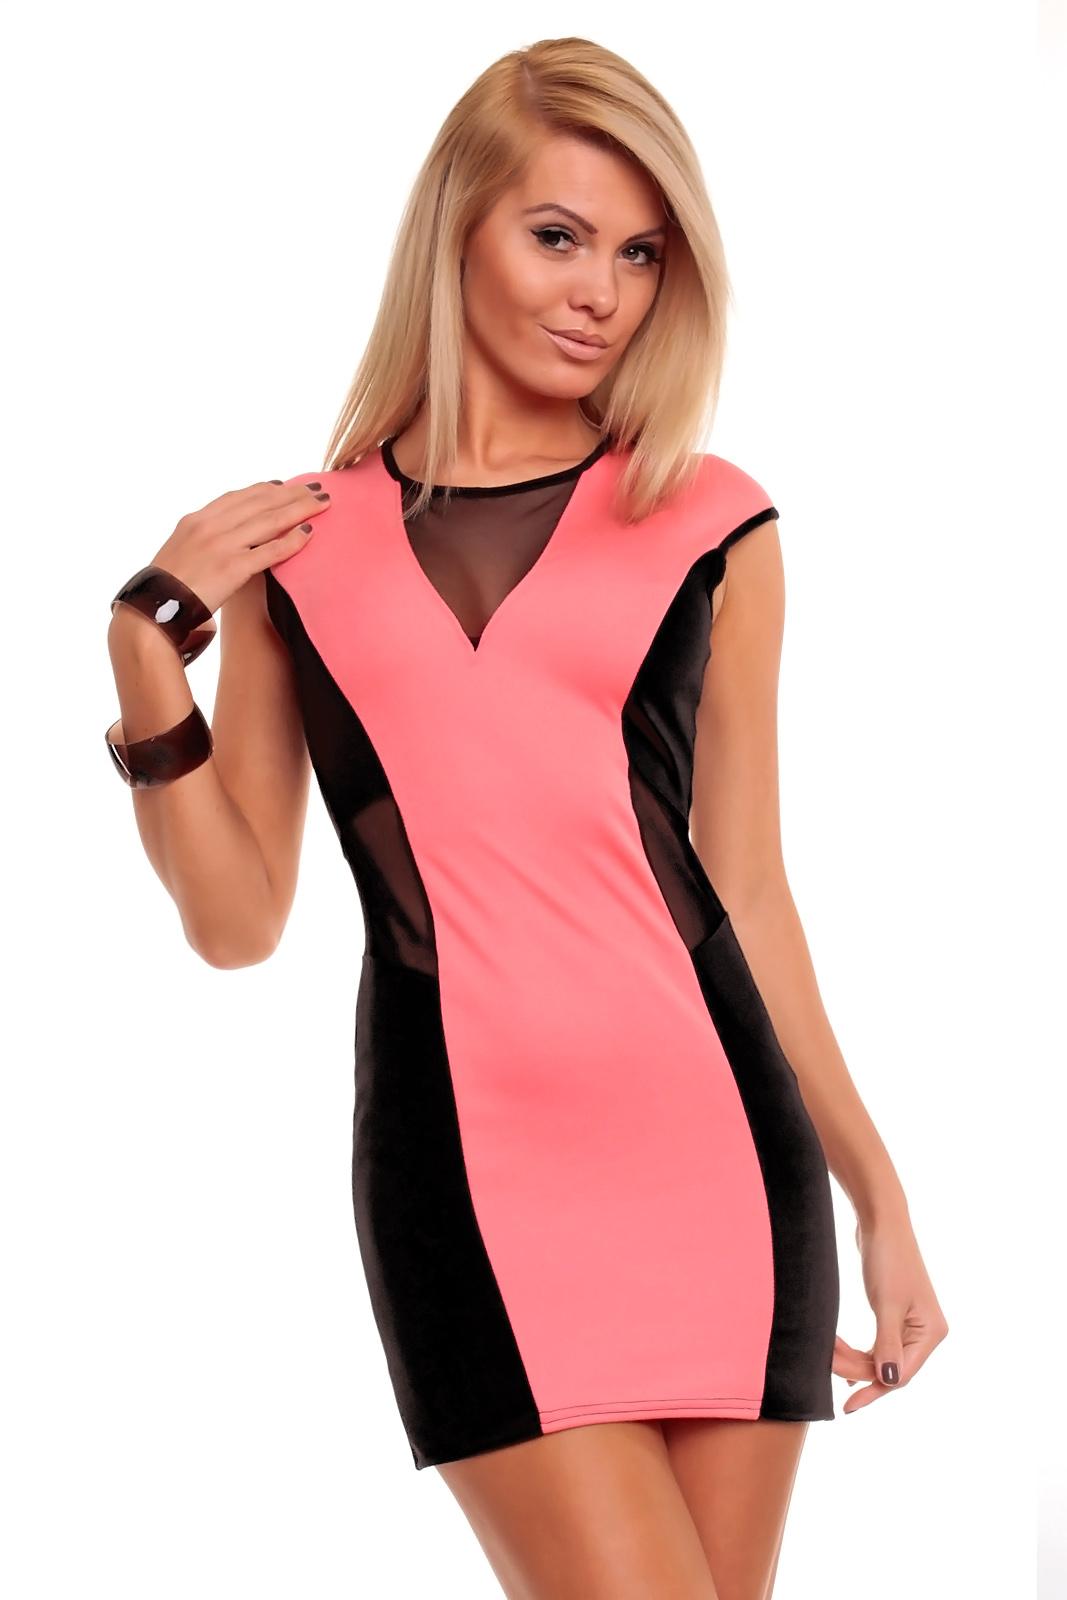 ea0a79cbe275 Dámské mini šaty s průstřihy AYANAPA růžová